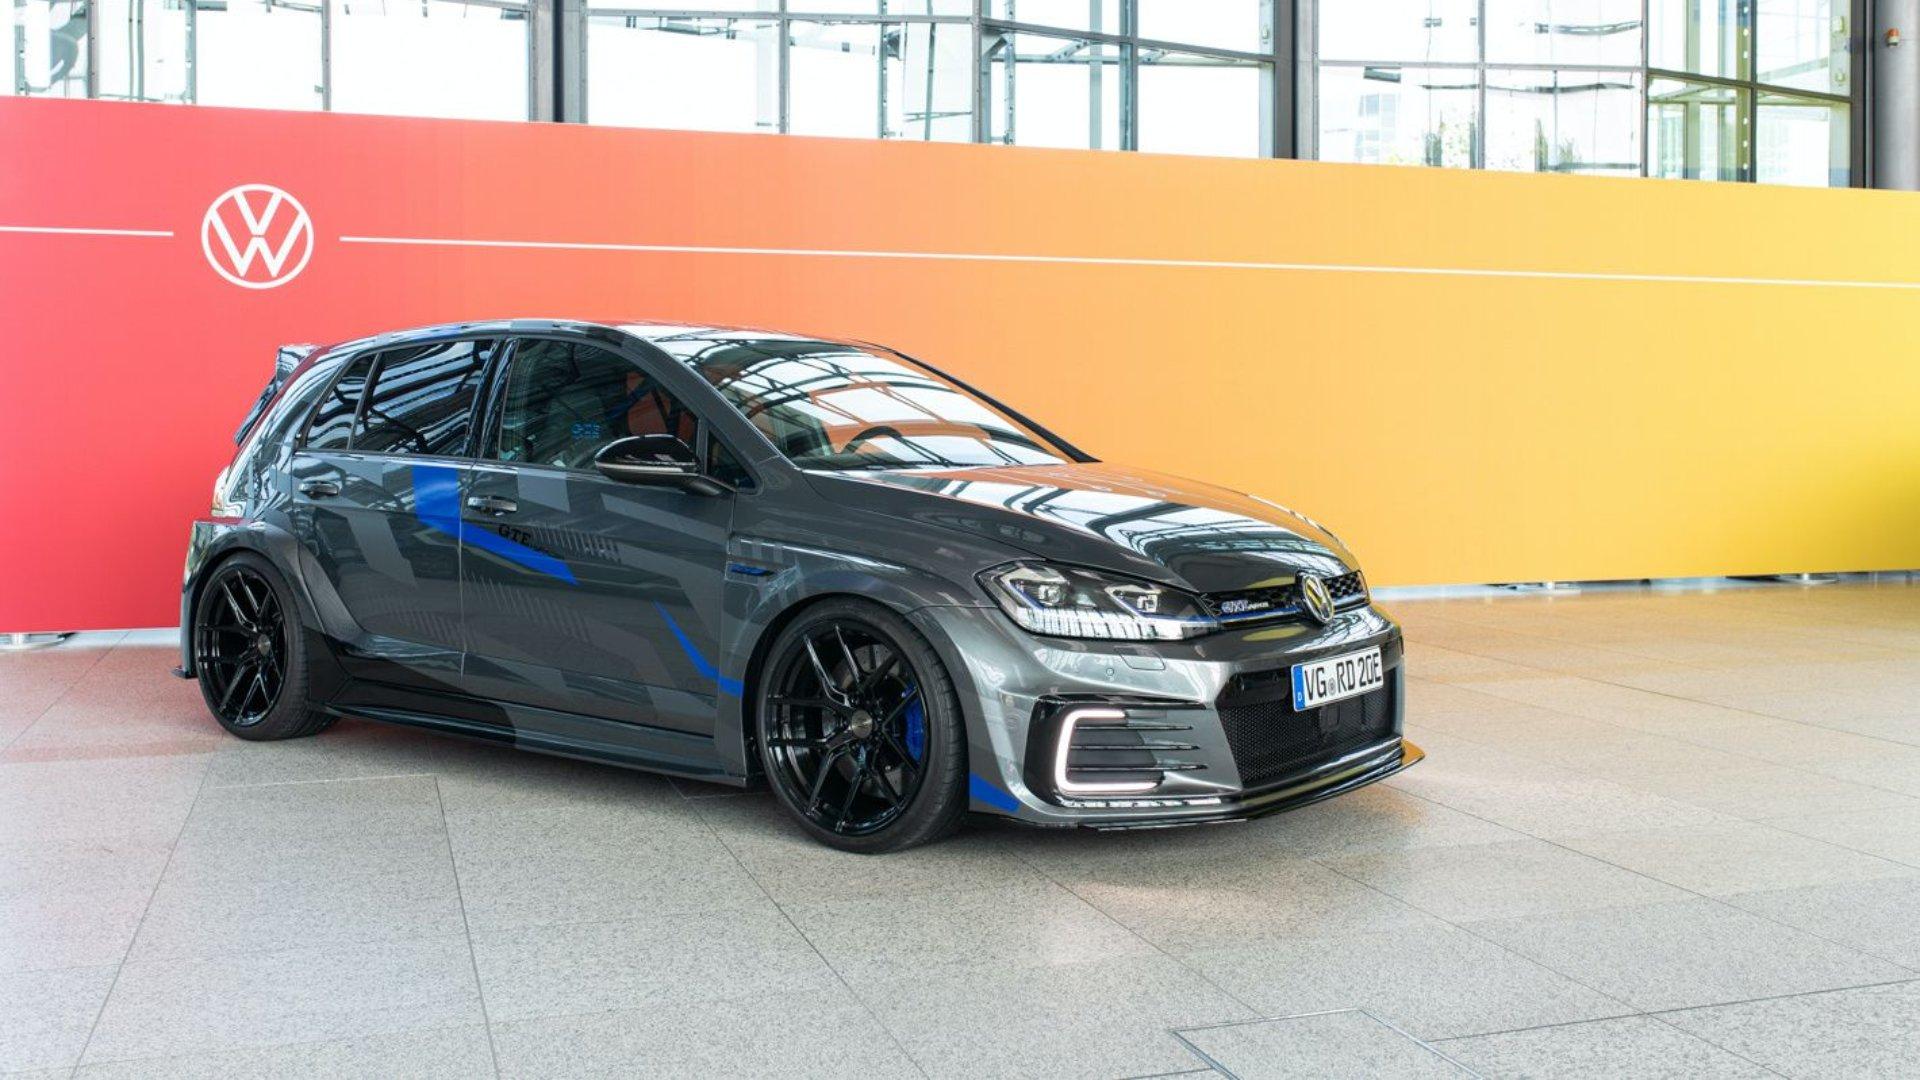 Volkswagen Golf GTE HyRacer, una creación para el Wörthersee Tour que no pudo celebrarse